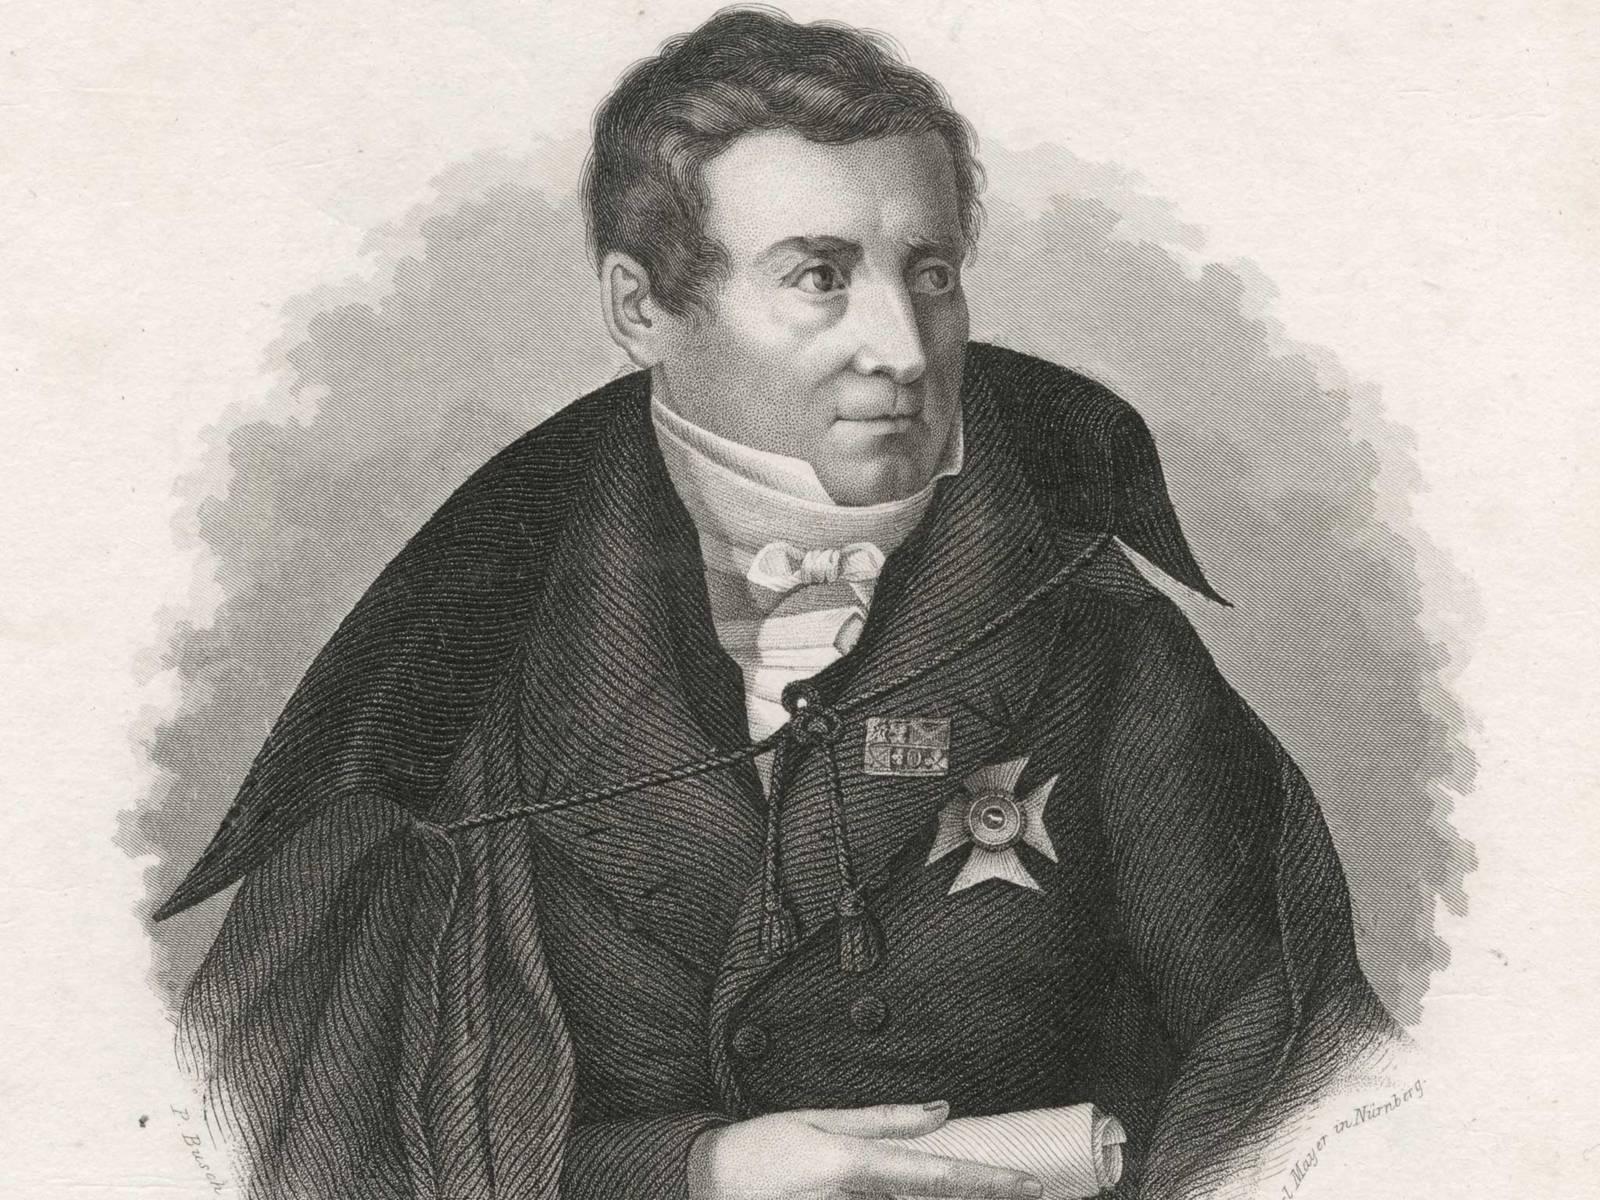 Porträt von August Wilhelm Schlegel, der eine Auszeichnung am Revers trägt und in der rechten Hand eine Papierrolle hält